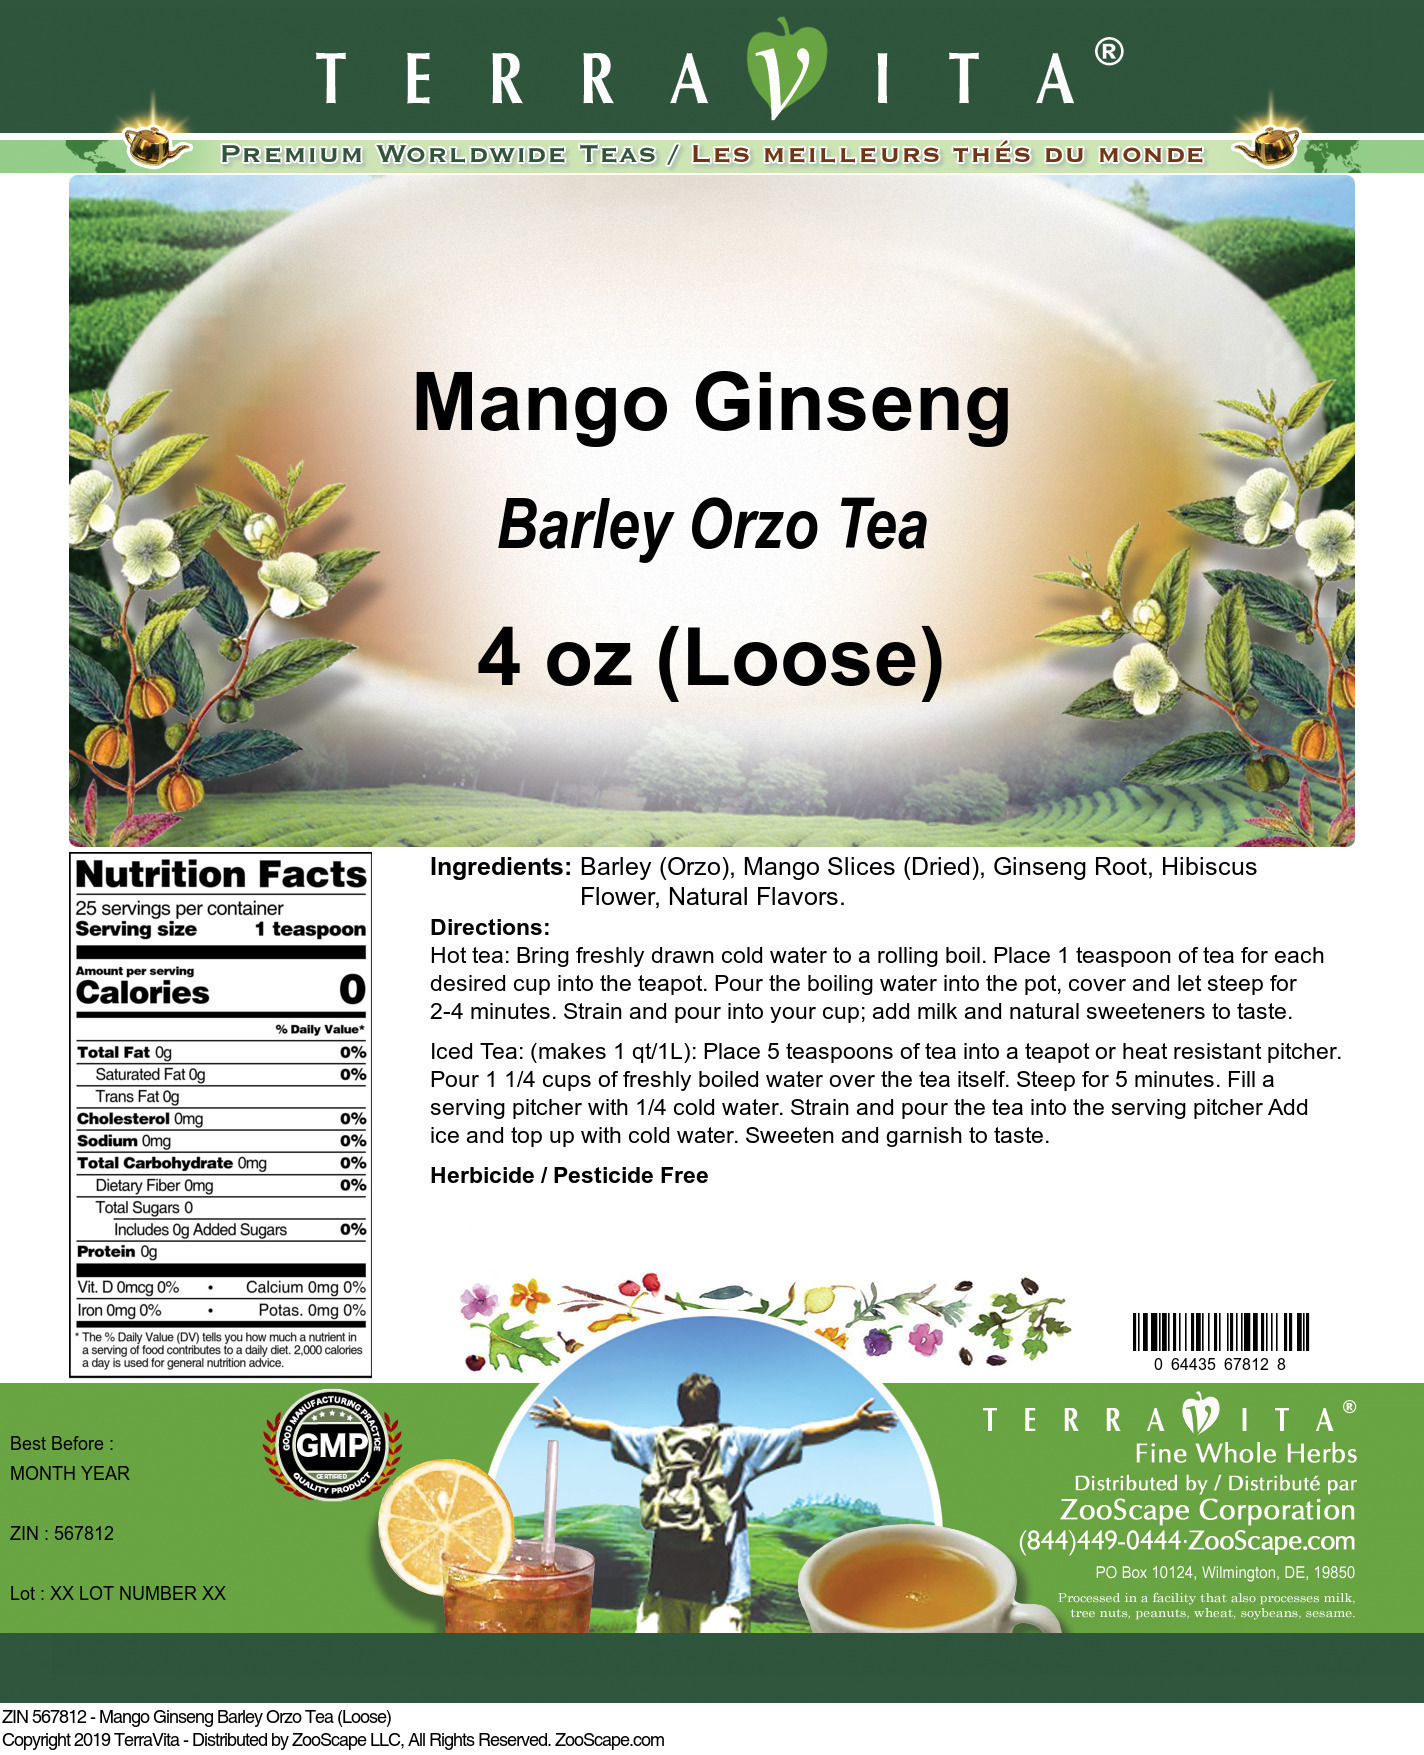 Mango Ginseng Barley Orzo